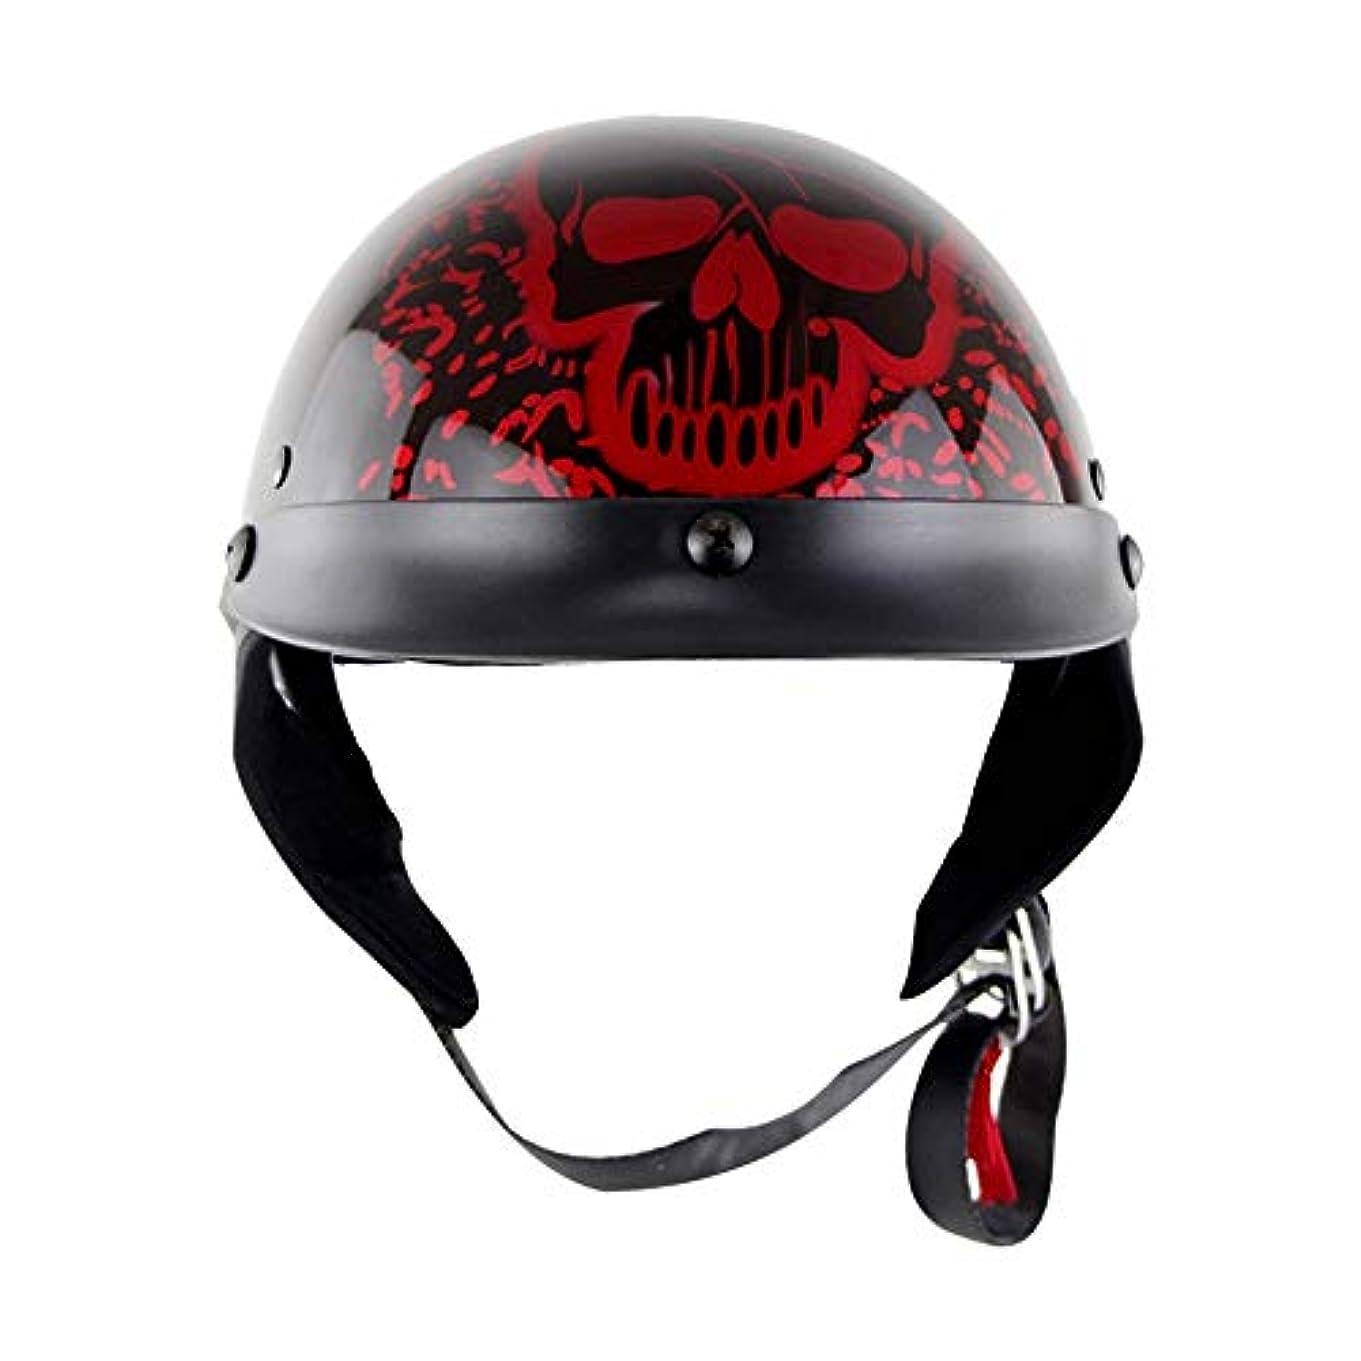 関数バイアスギャップQRY 黒と赤の色のオートバイの電気自動車のヘルメットハーレースタイルの頭蓋骨人格ハーフヘルメットアウトドアライディング夏のヘルメット快適で通気性 幸せな生活 (Size : L)